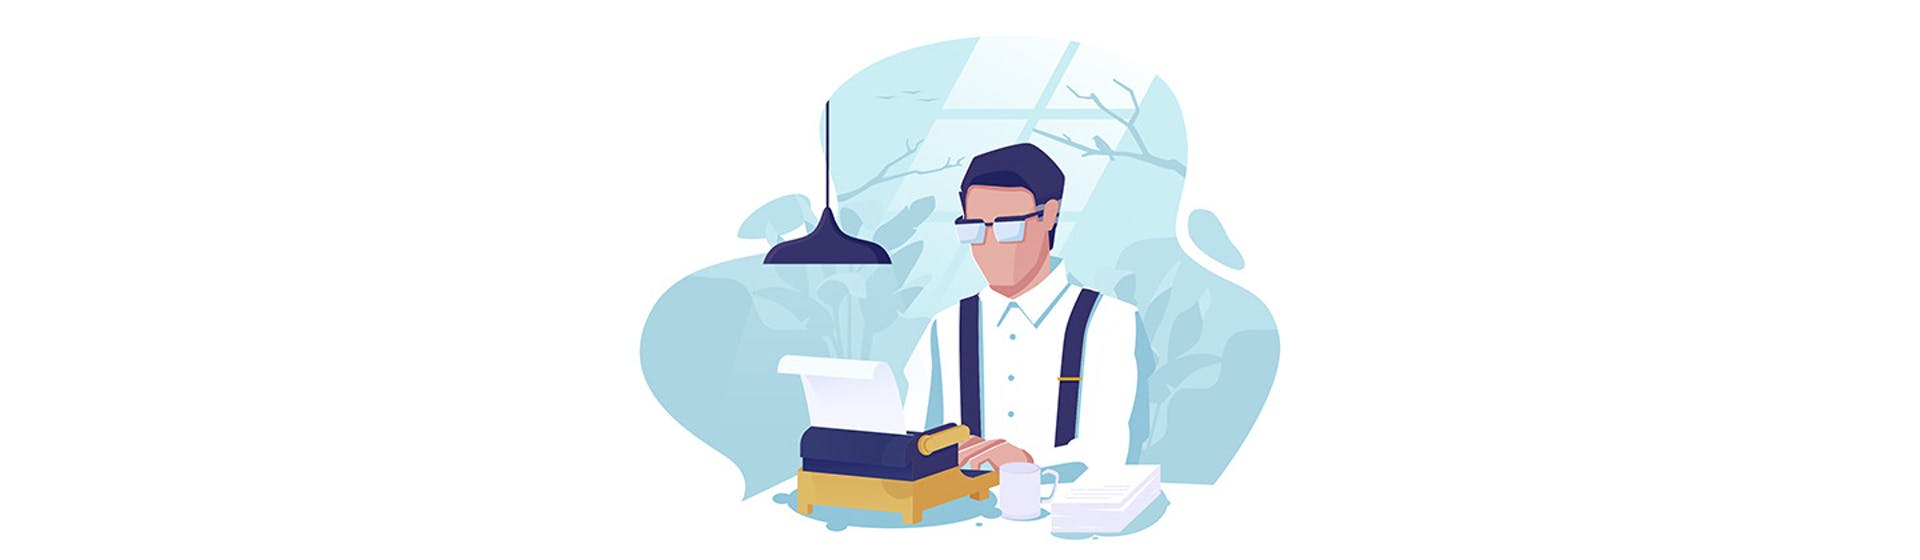 Copywriting eficiente, escritura persuasiva exitosa